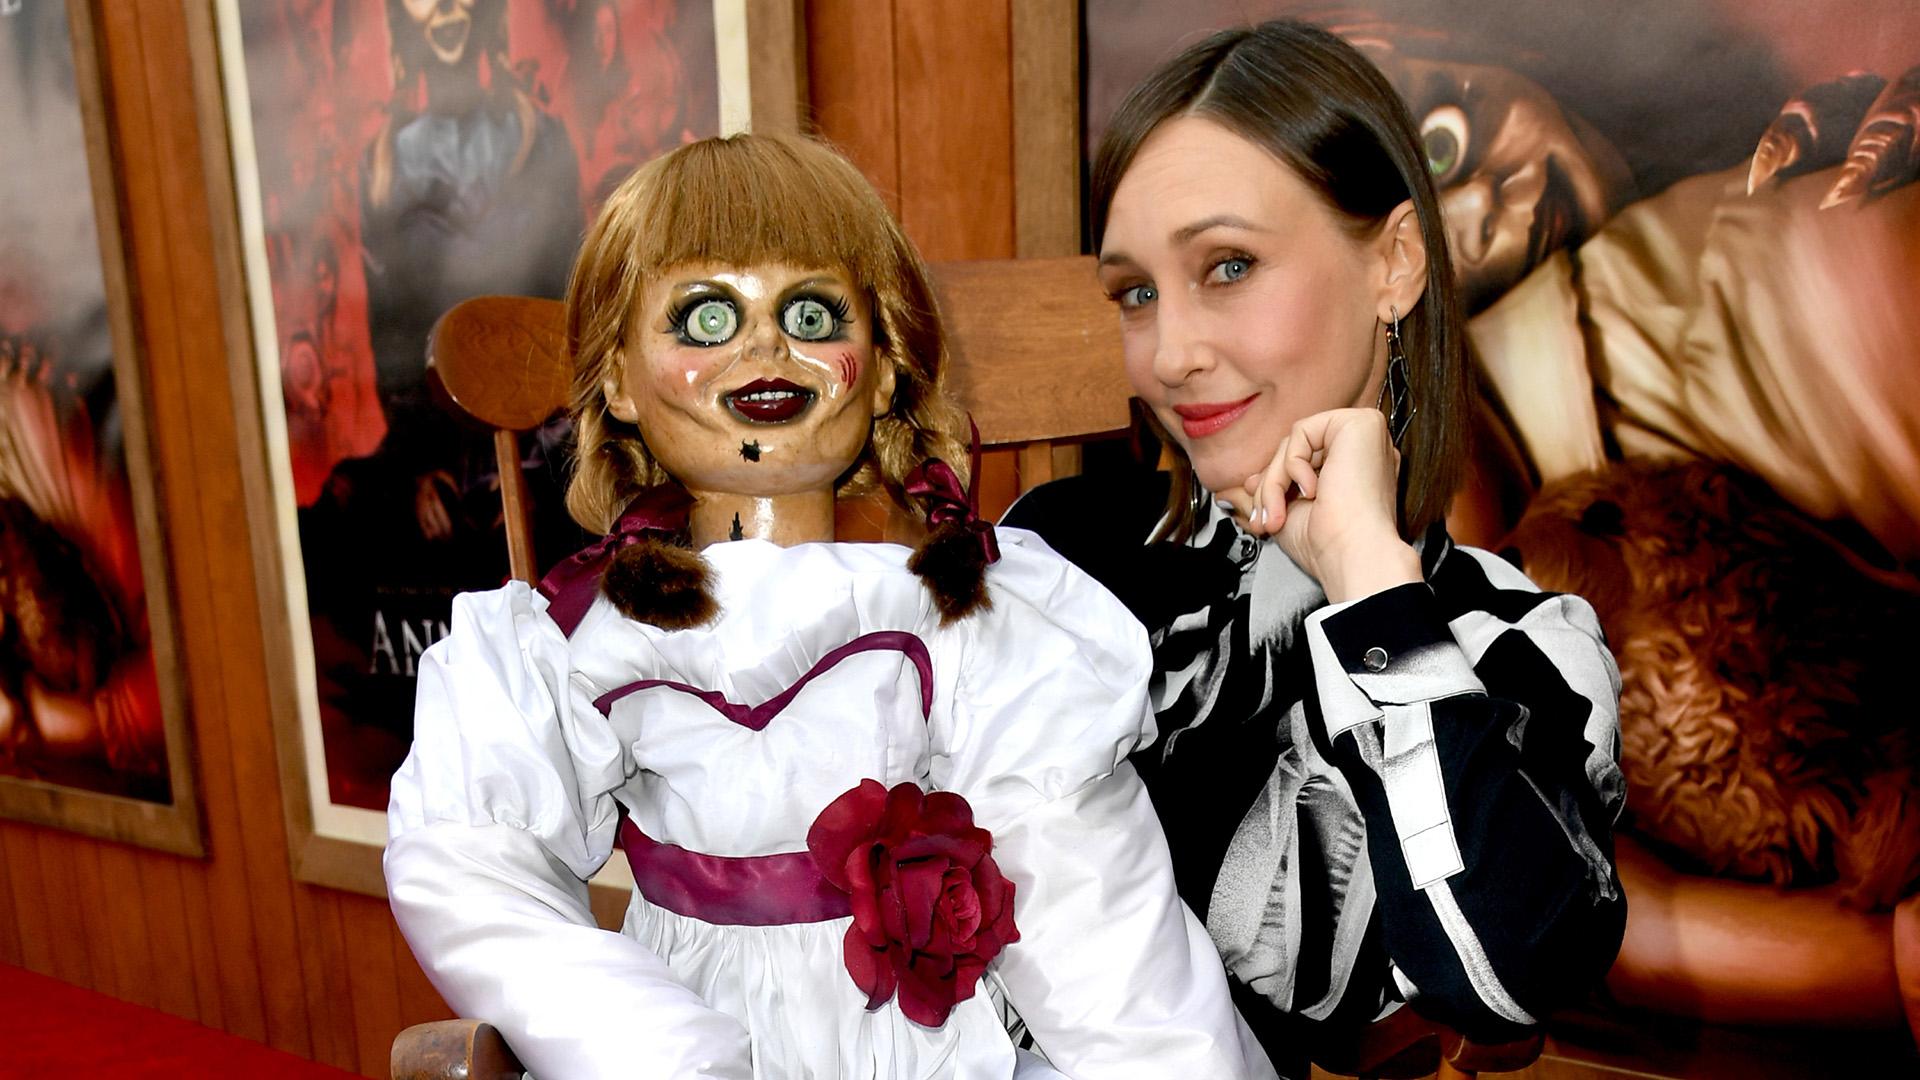 """Vera Farmiga posa junto a la famosa muñeca, a su llegada a la red carpet de la premiere de """"Annabelle vuelve a casa"""", en el Regency Village Theatre en Westwood, California"""